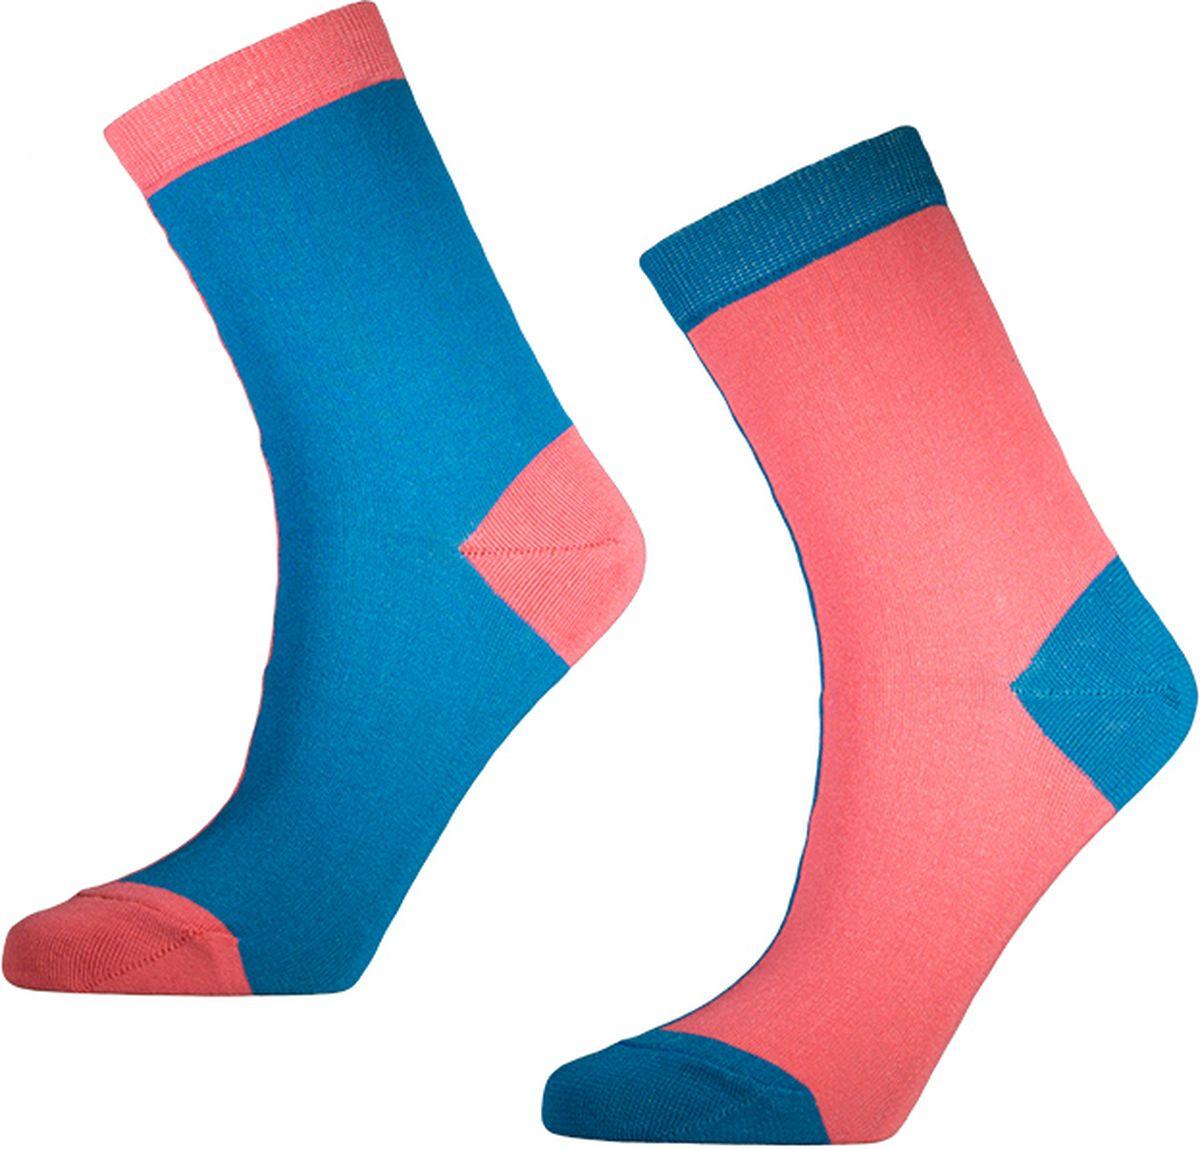 где купить Носки мужские Big Bang Socks, цвет: розовый, голубой, 2 пары. d451. Размер 40/44 по лучшей цене